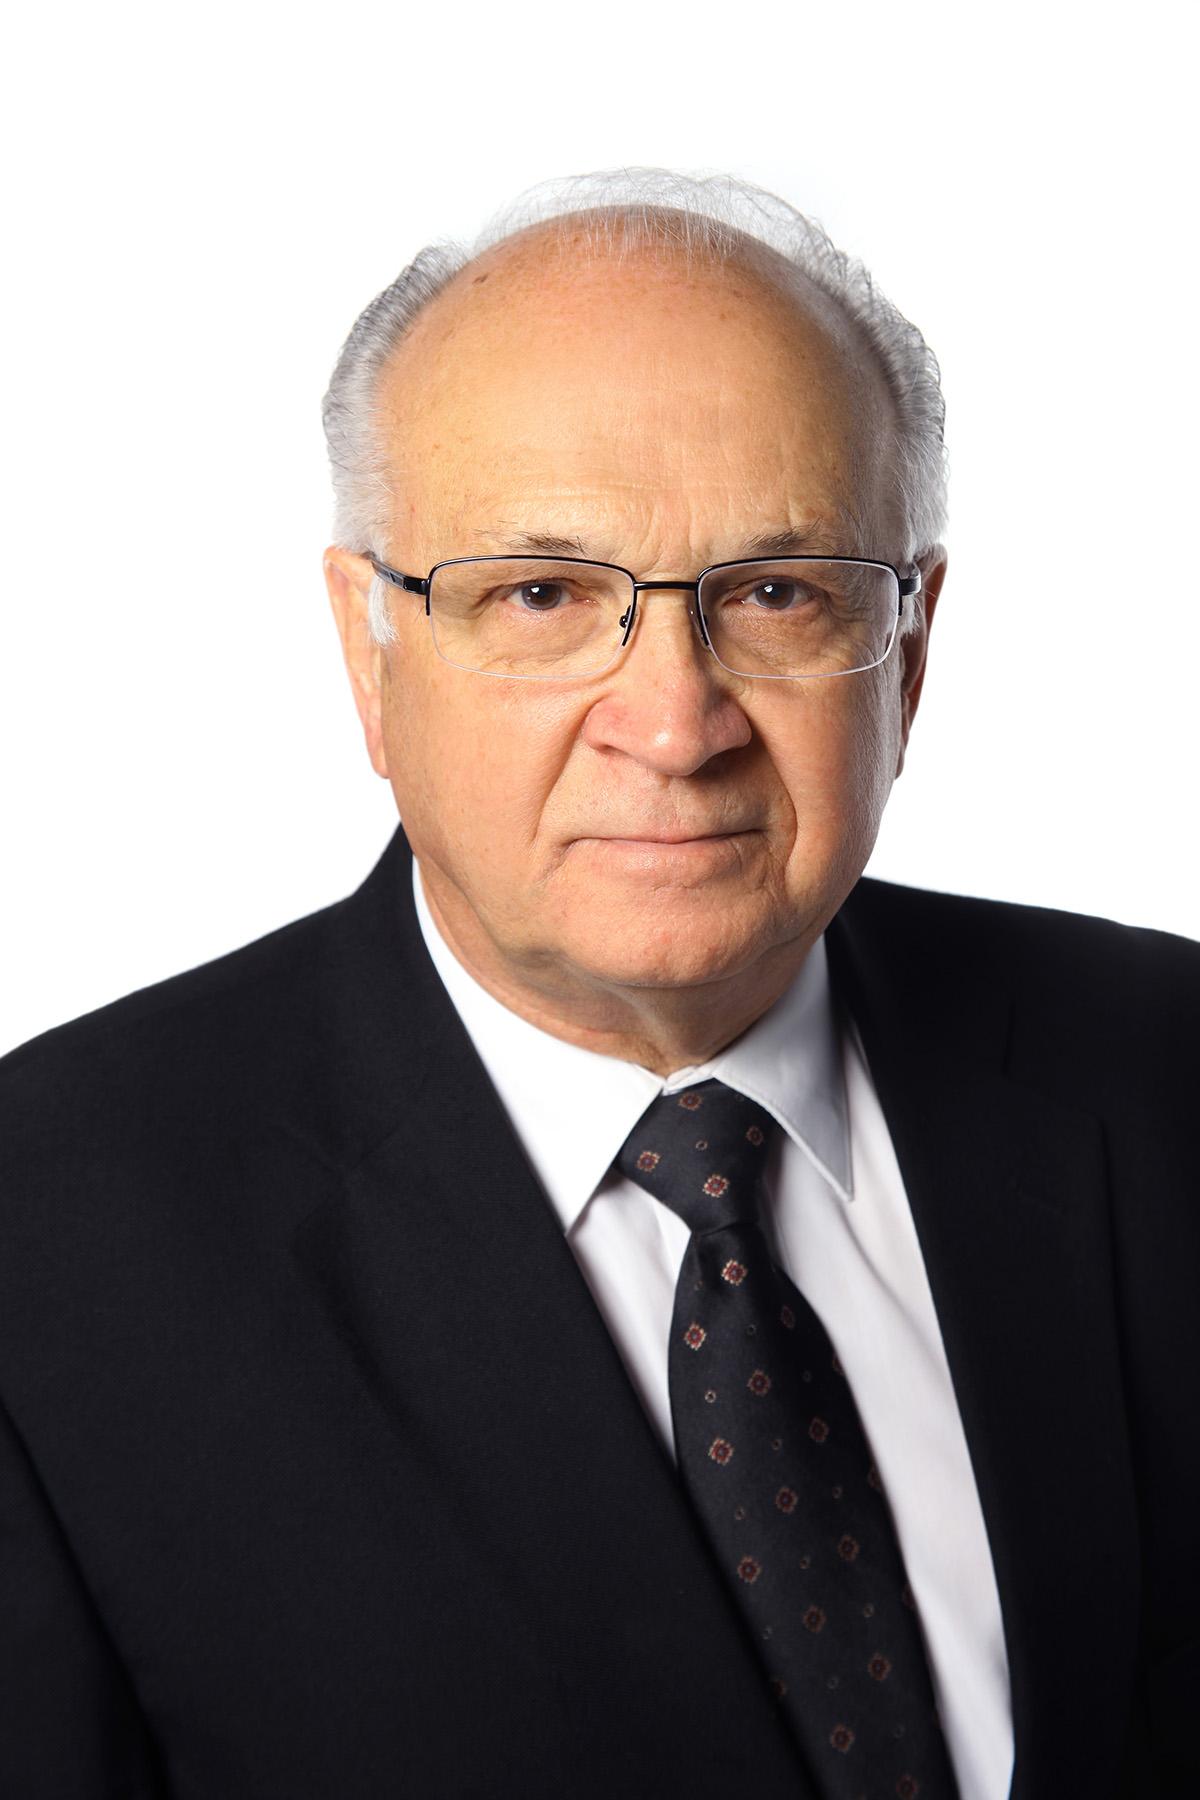 Roger Weishaar